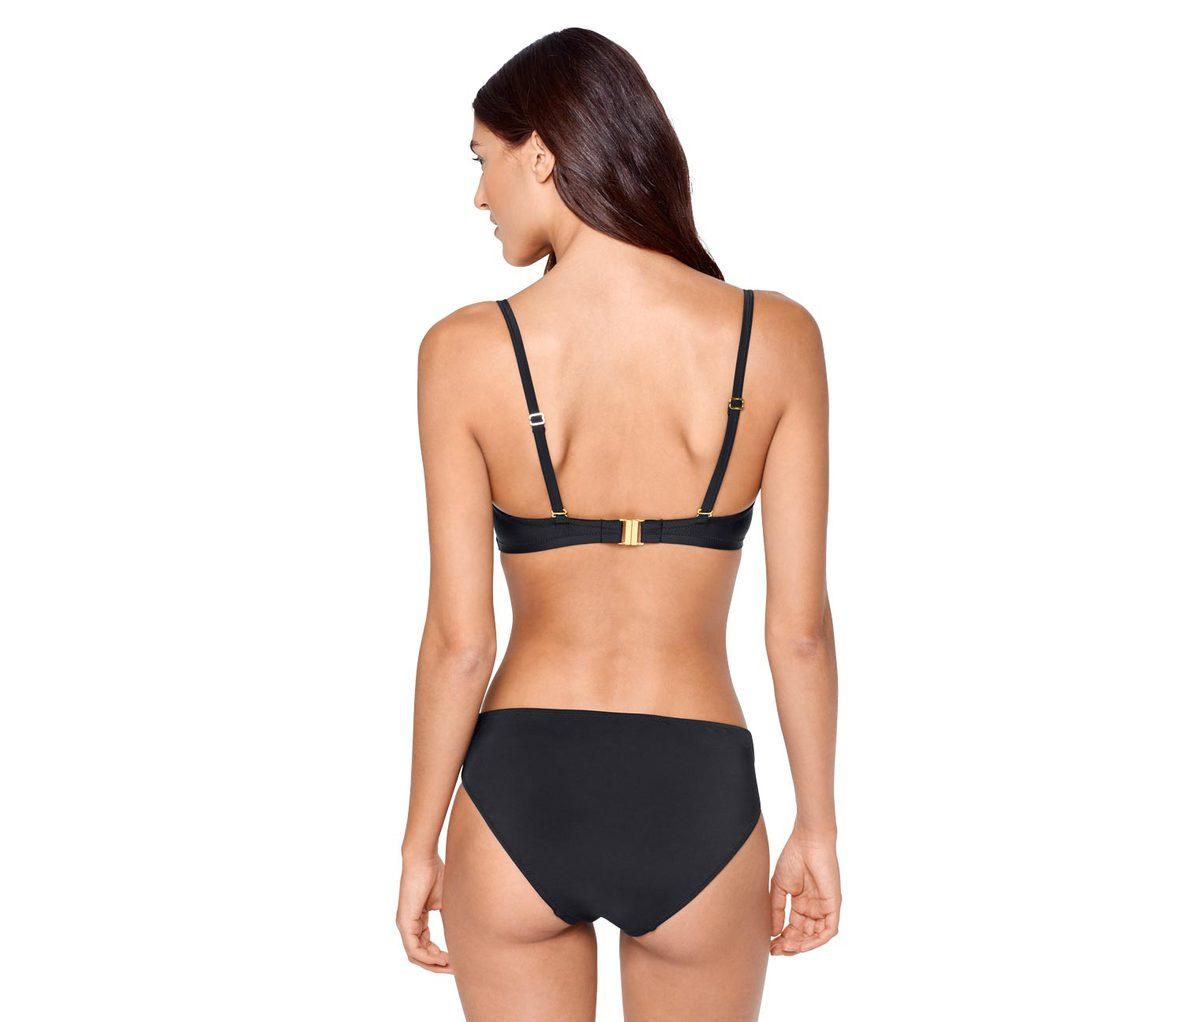 Bild 3 von Multistyle-Bikini-Top